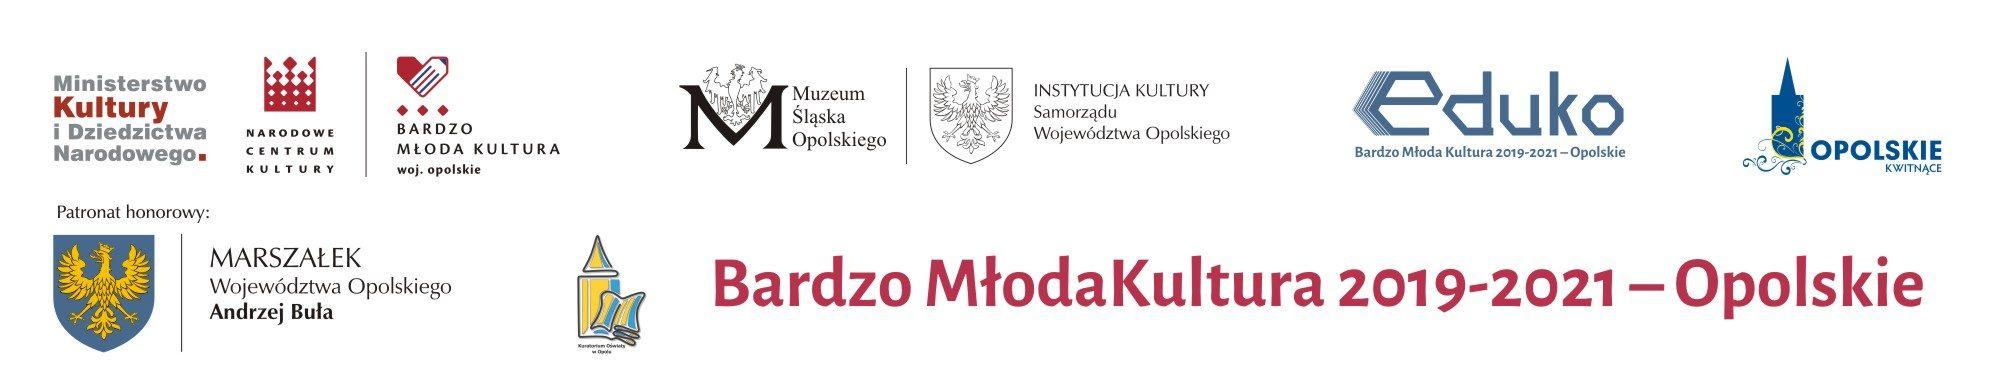 Bardzo Młoda Kultura 2019-2021 – Opolskie